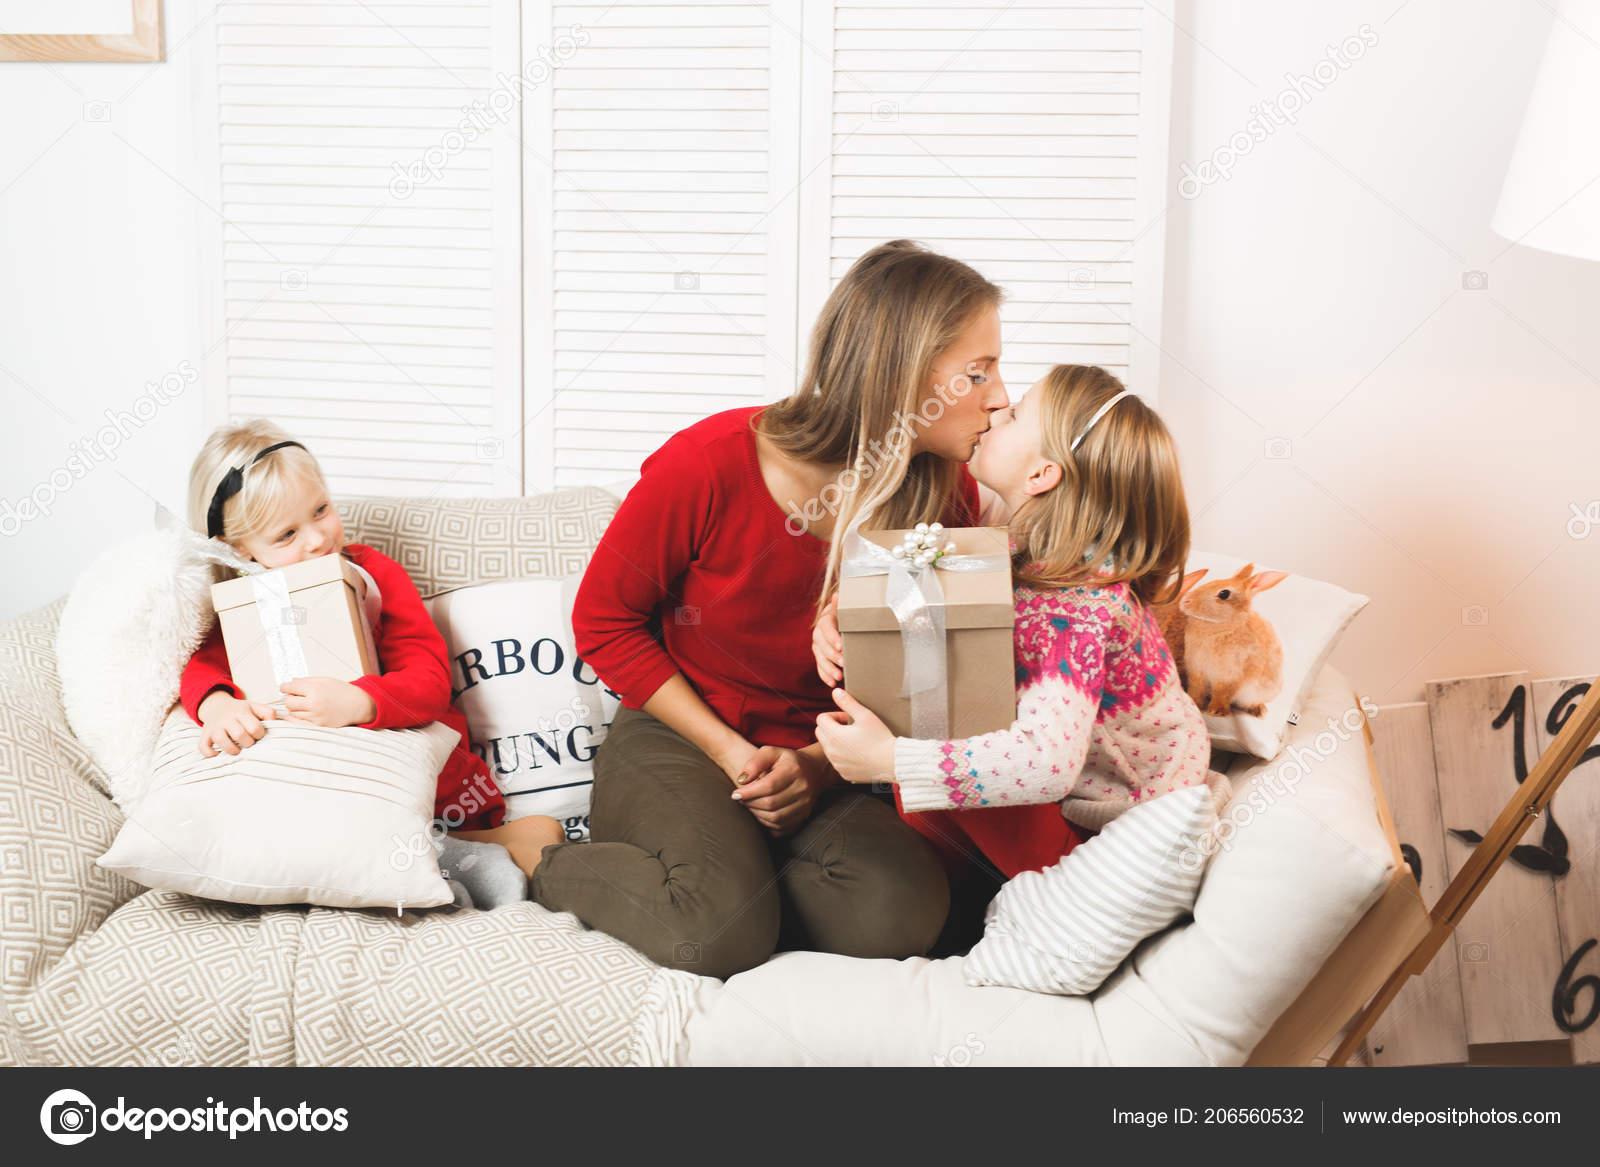 Urlaub, Geschenke, Weihnachten, Weihnachten, Geburtstag-Konzept ...